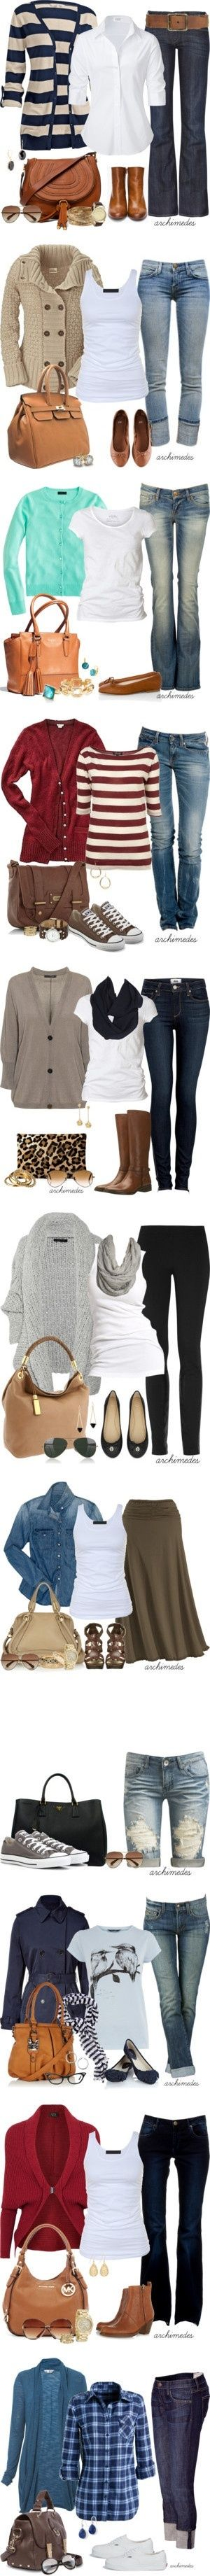 Fall wardrobe. Cozy comfy!